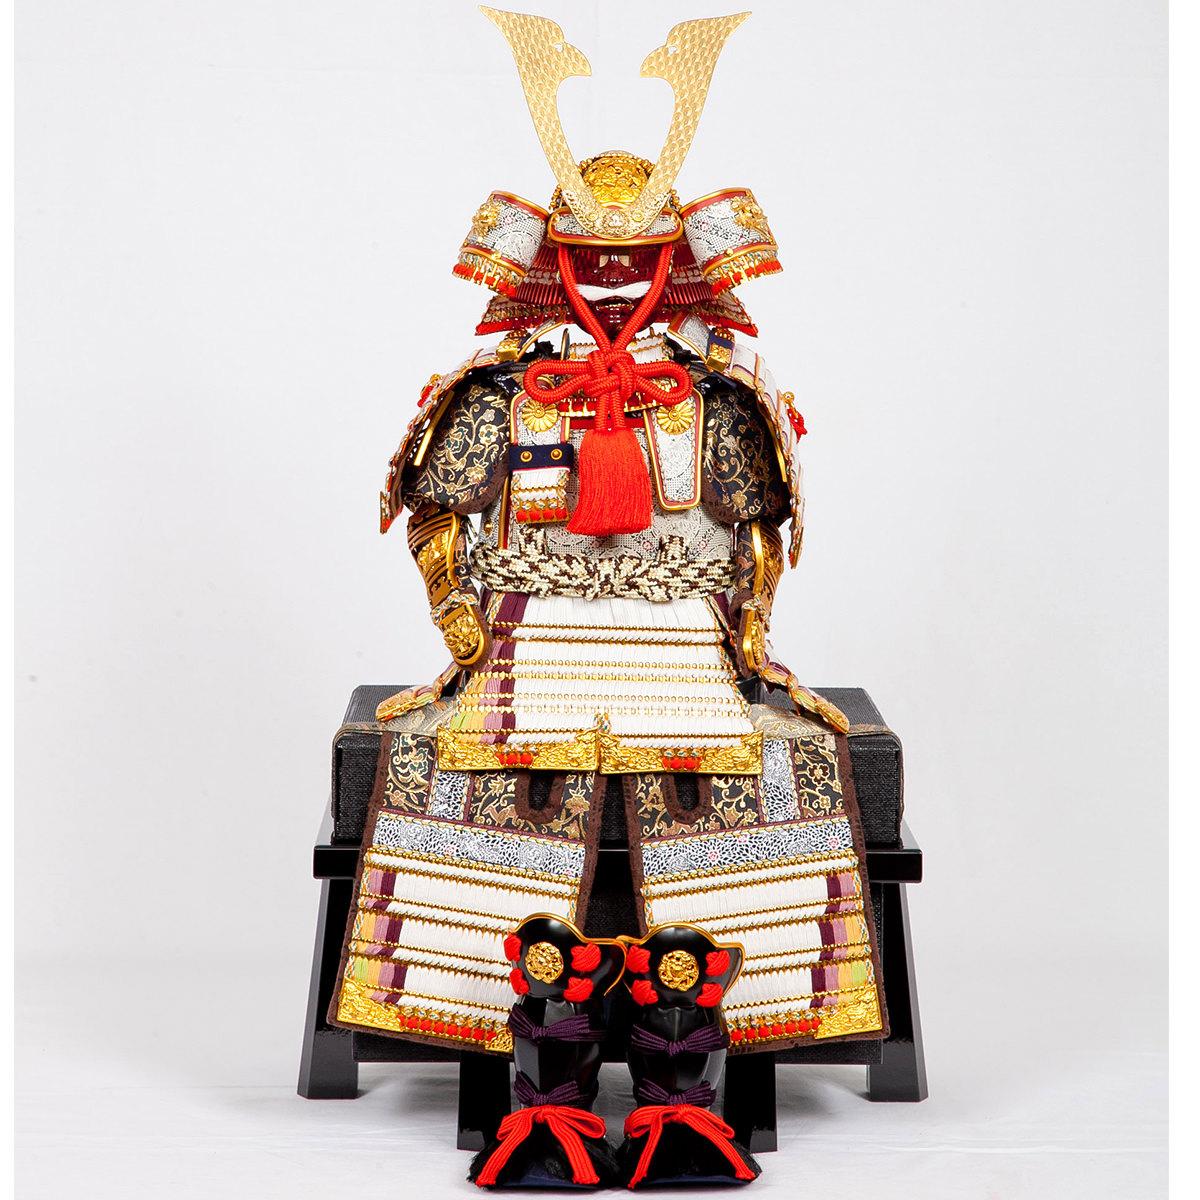 五月節句 男の子 五月人形 鎧飾り単品 7号 白糸威褄取大鎧 鈴甲子雄山作 格安 送料無料